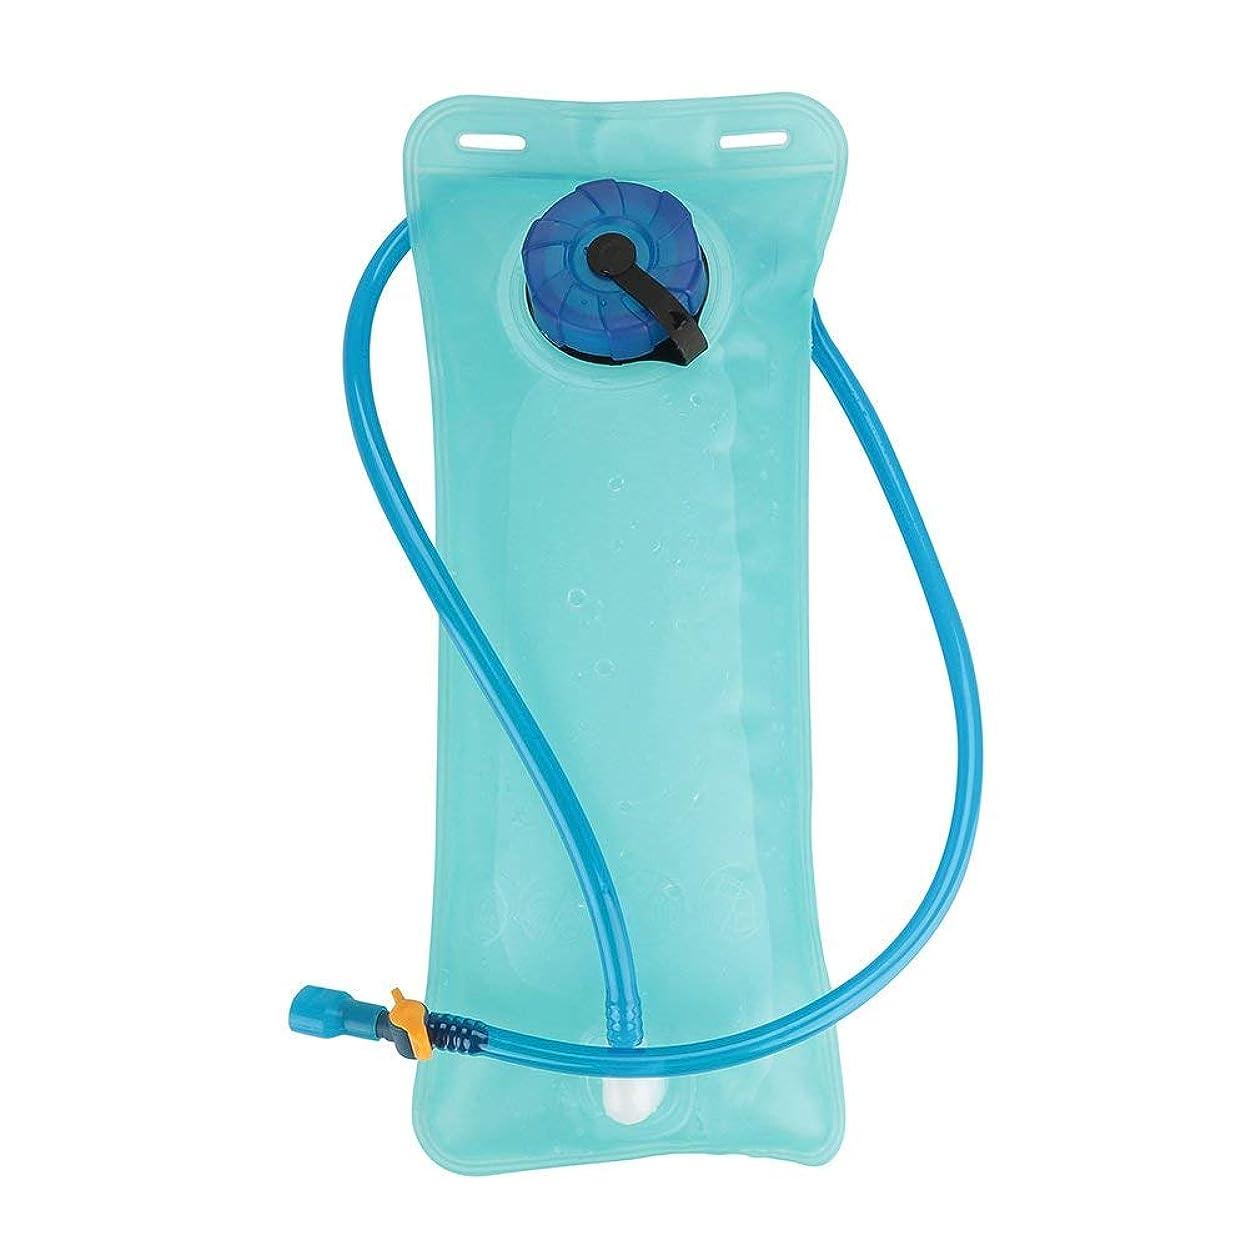 グリット無視立ち寄るハイドレーション ウォーターバッグ 災害用 持ち運べる 食品級 無臭 大容量 ウォータータンク 水分補給 旅行 登山/避難/運動/アウトドア 手を使わず水が飲める水袋 2L給水袋